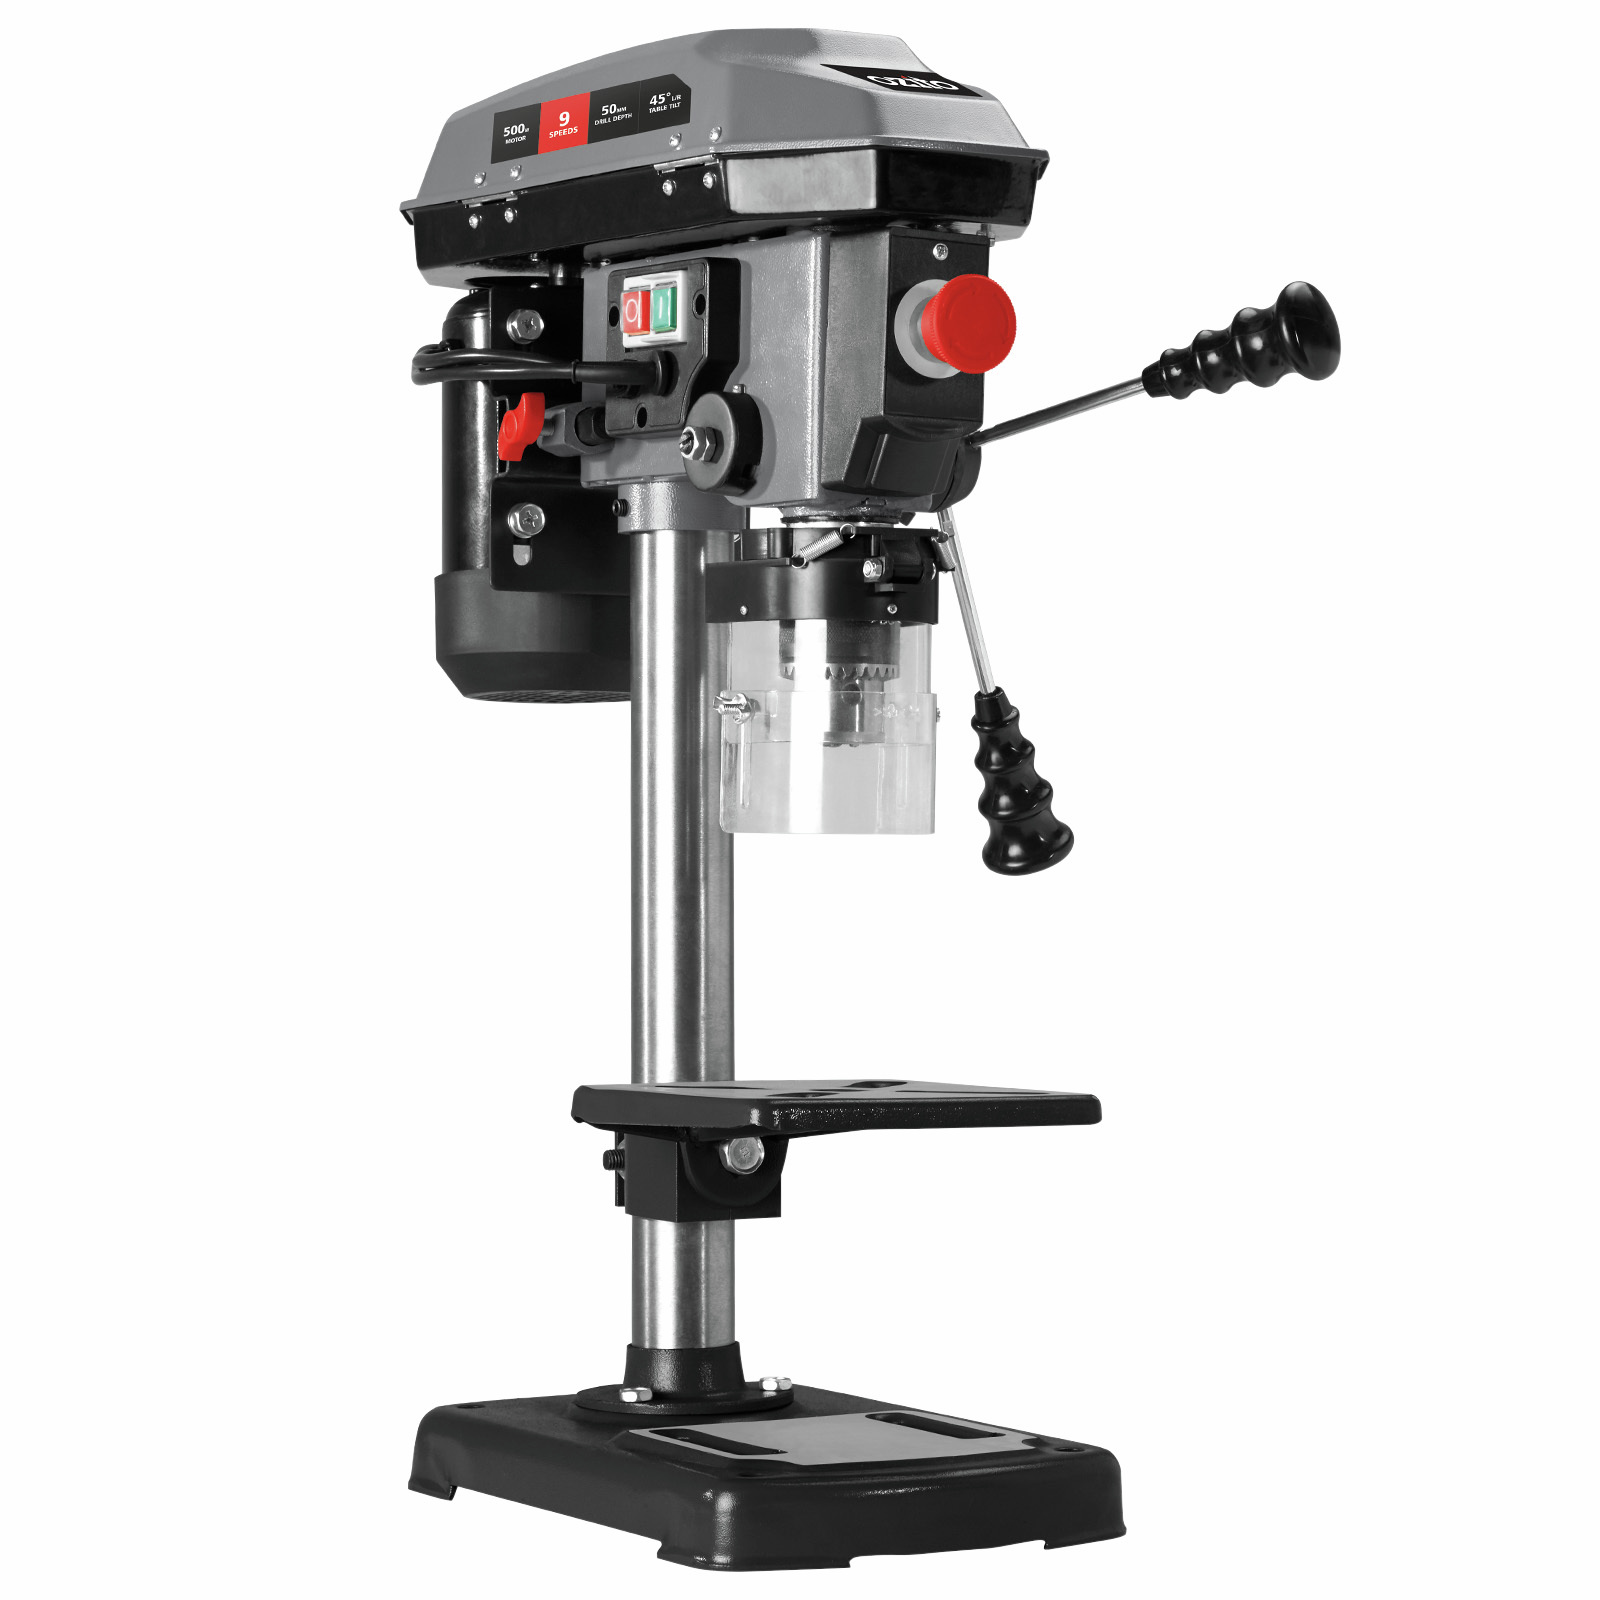 Ozito 16mm 500W Drill Press